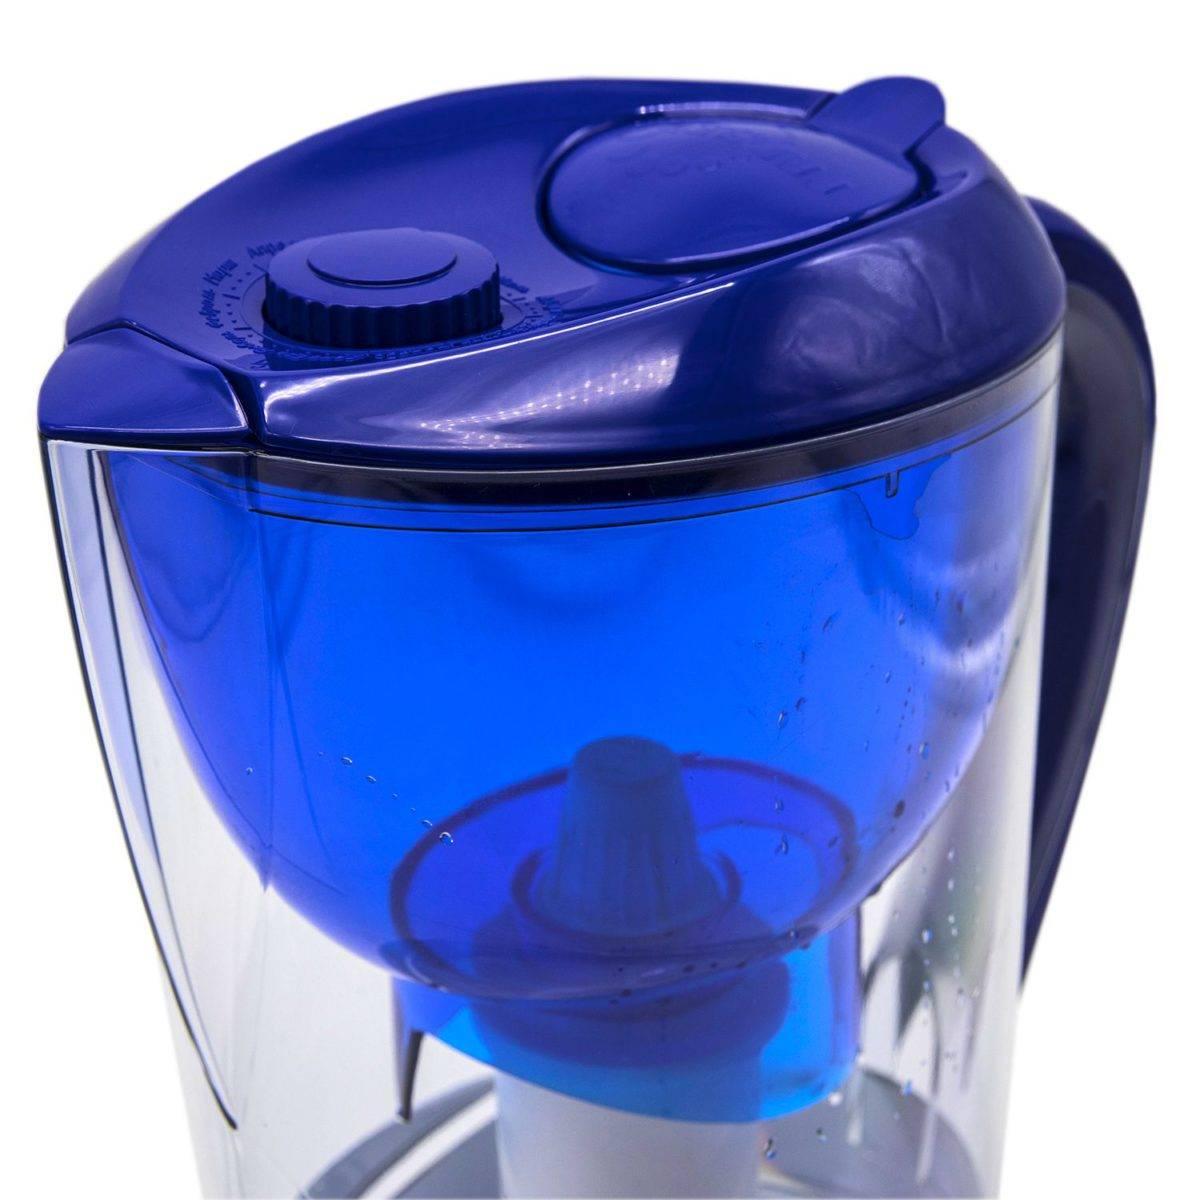 Jarra filtradora de agua Corus